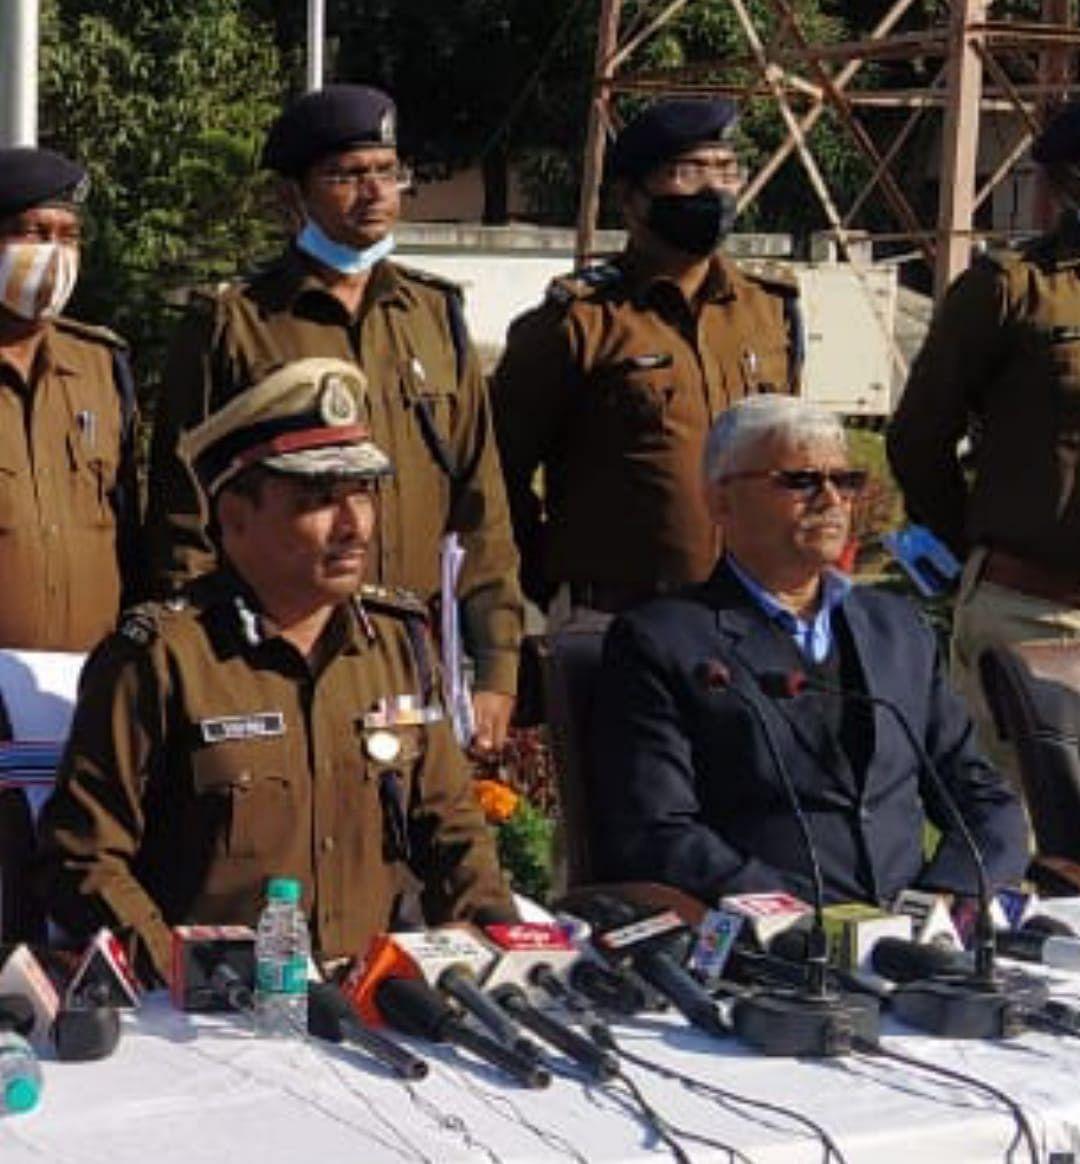 जस्टिस फॉर निर्भया कैंपेन चलानेवालों को पुलिस भेजेगी नोटिस : डीजीपी